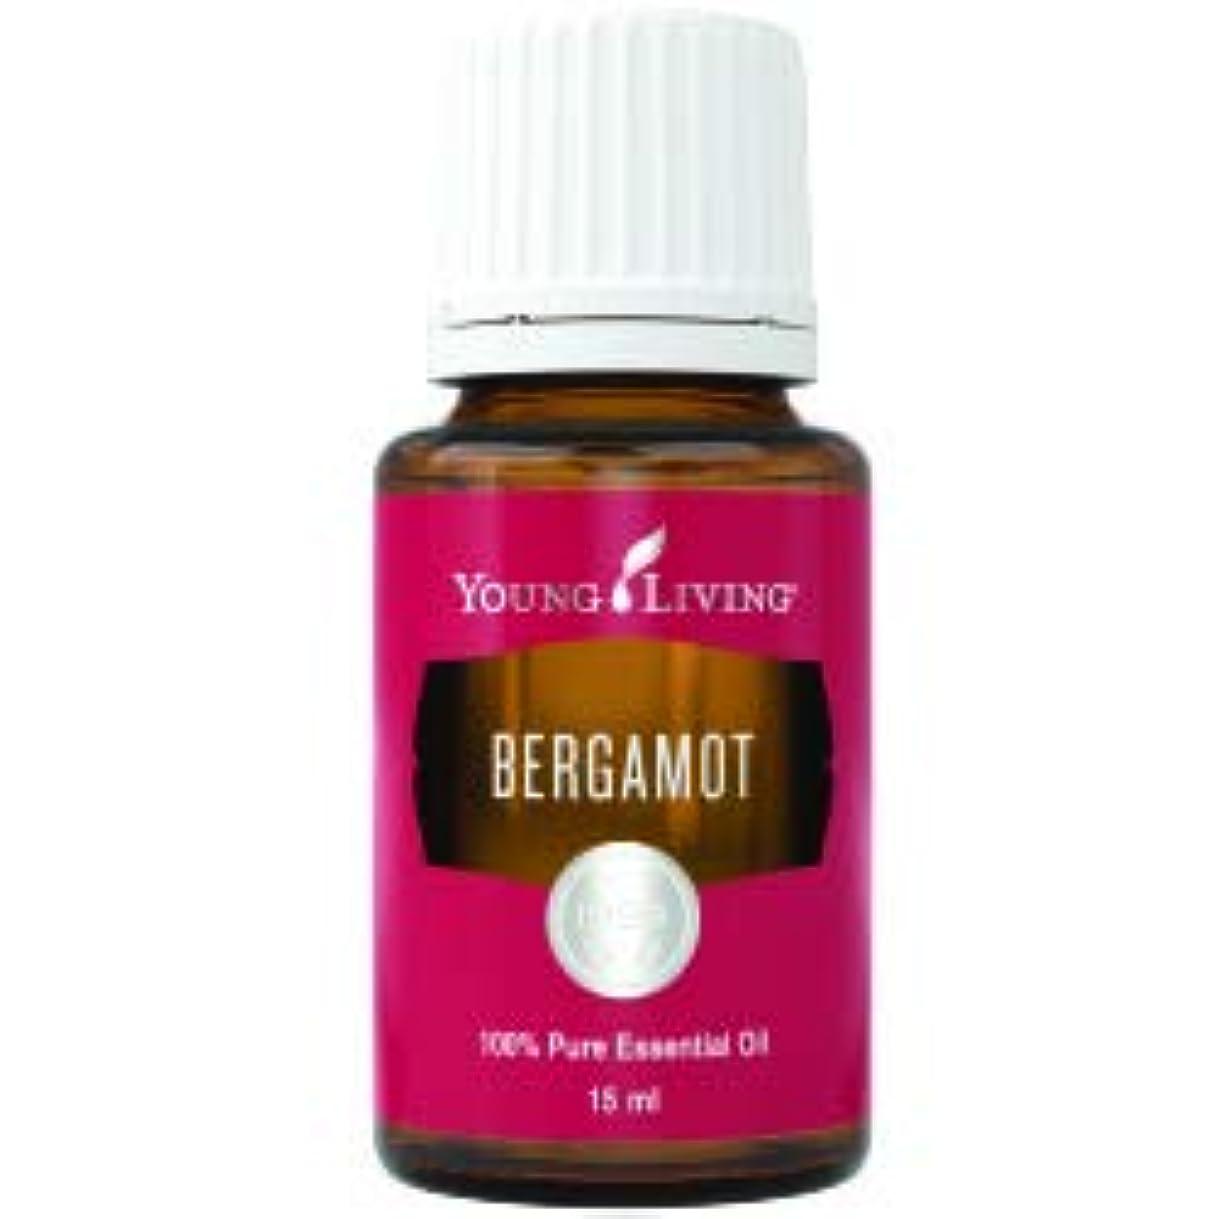 大理石欺面白いヤングリビングマレーシアのベルガモットエッセンシャルオイル15 ml Bergamot Essential Oil 15 ml by Young Living Malaysia